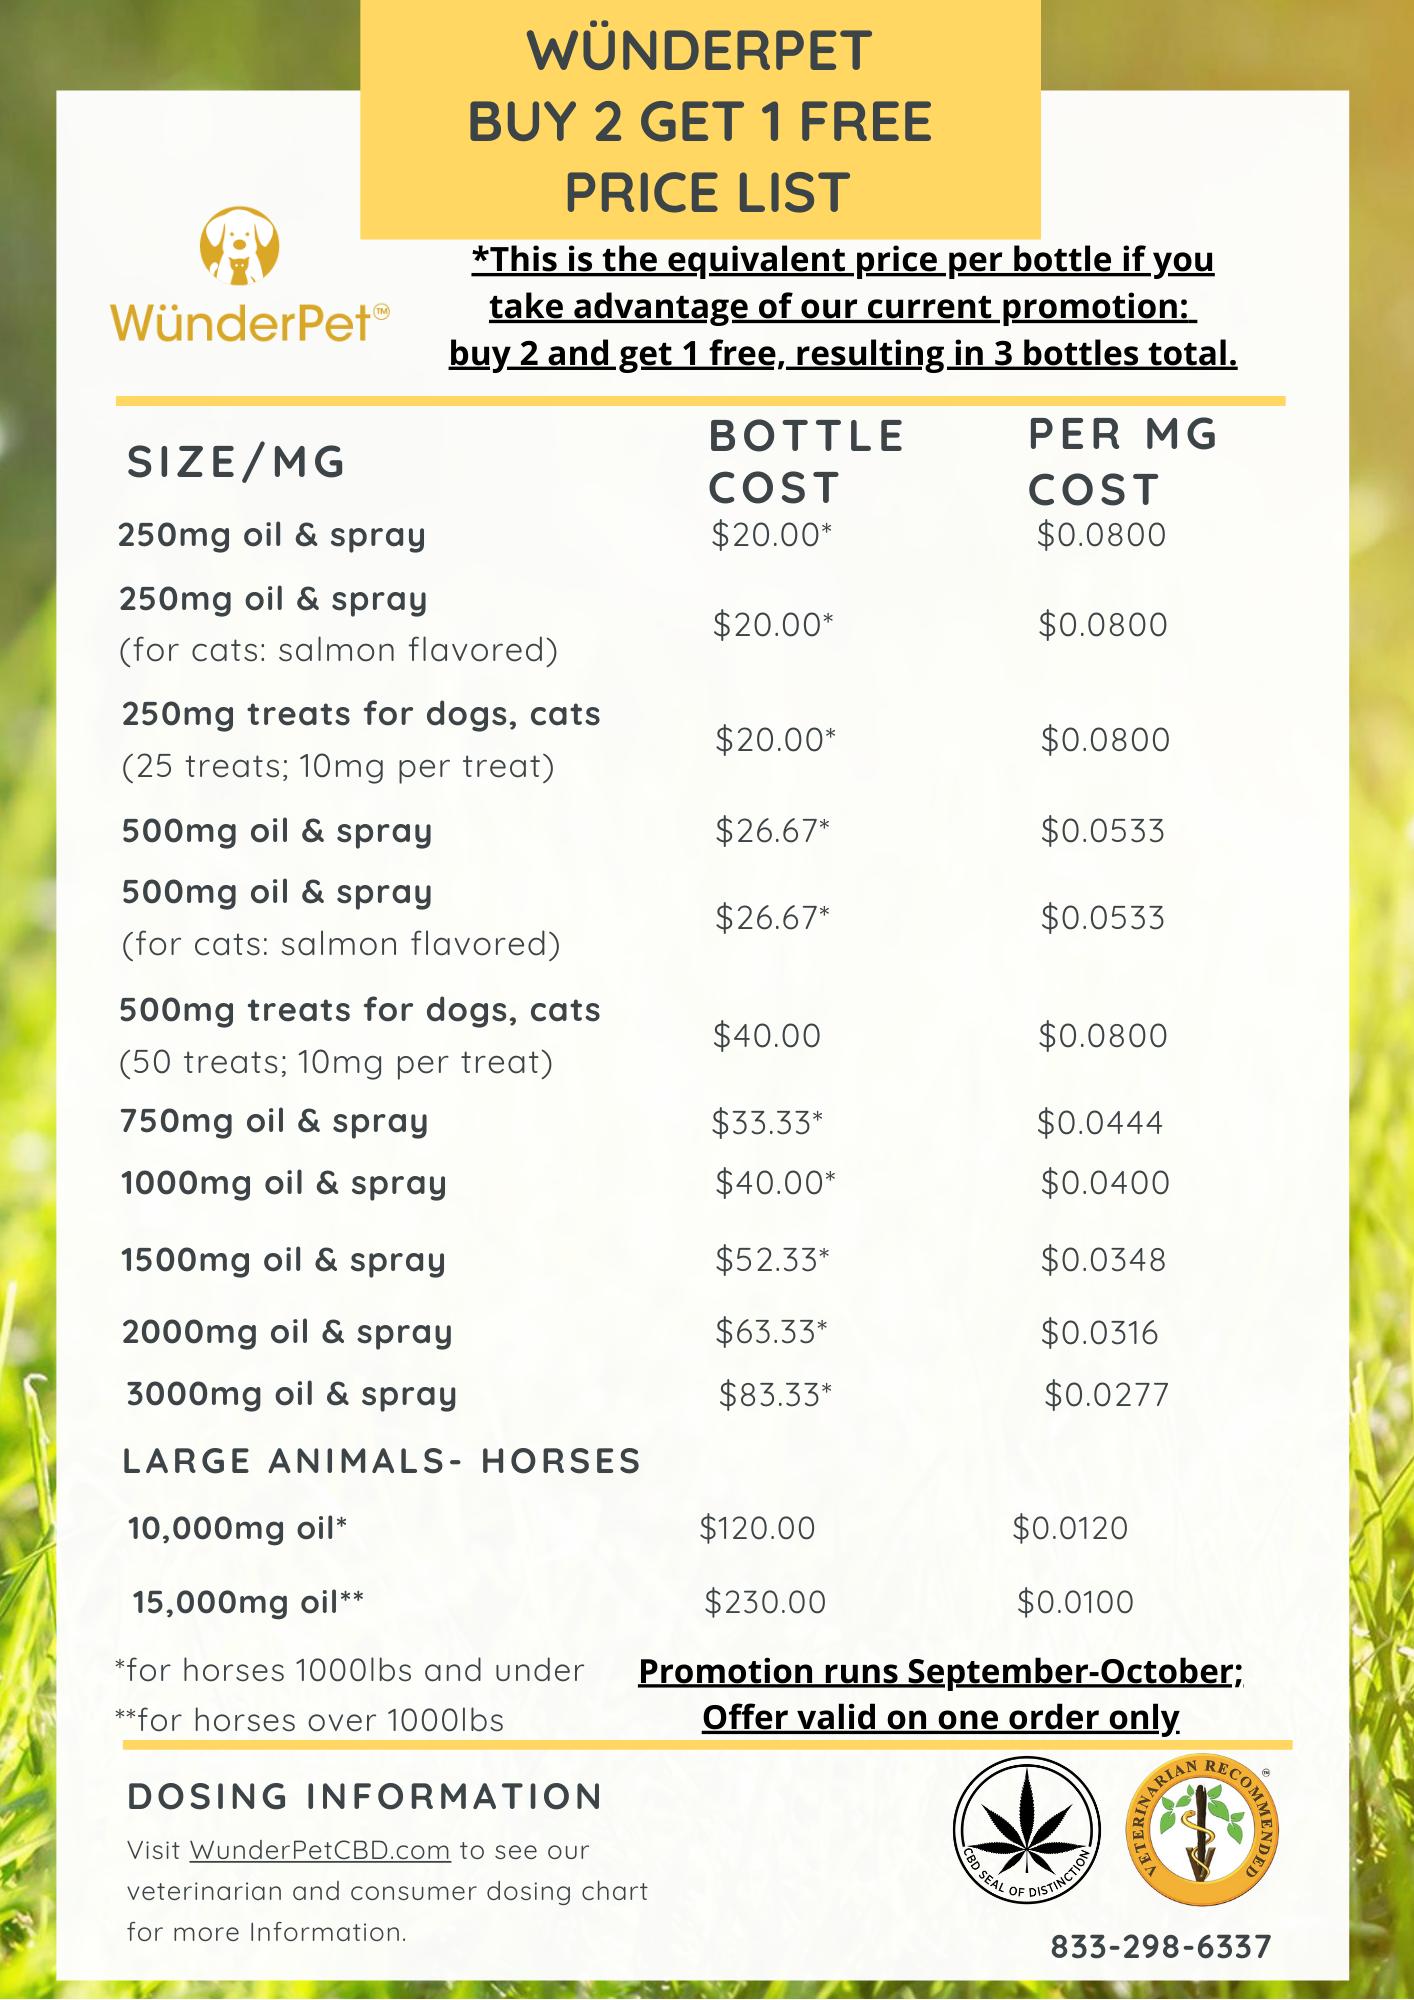 Buy 2, Get 1 Free WünderPet Price List 9.2.20